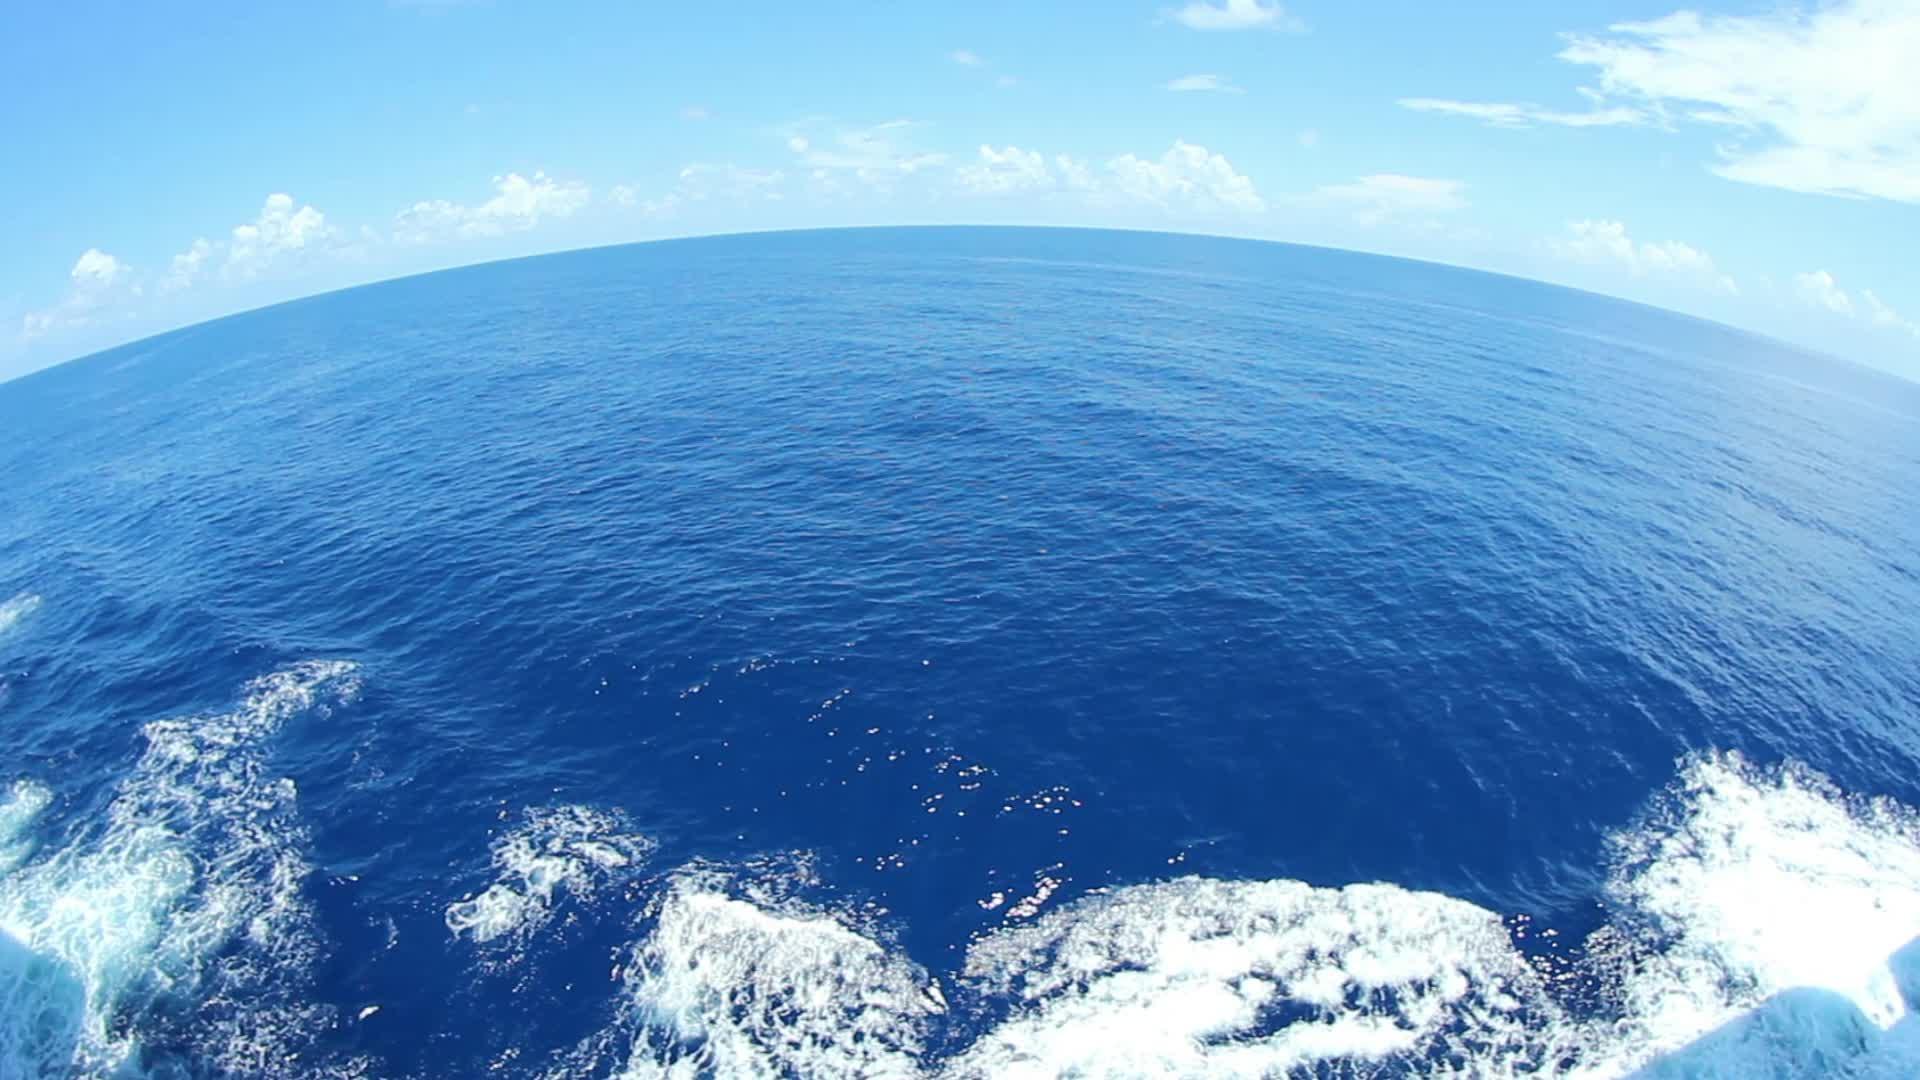 земля моря океаны картинки фильма сумерки